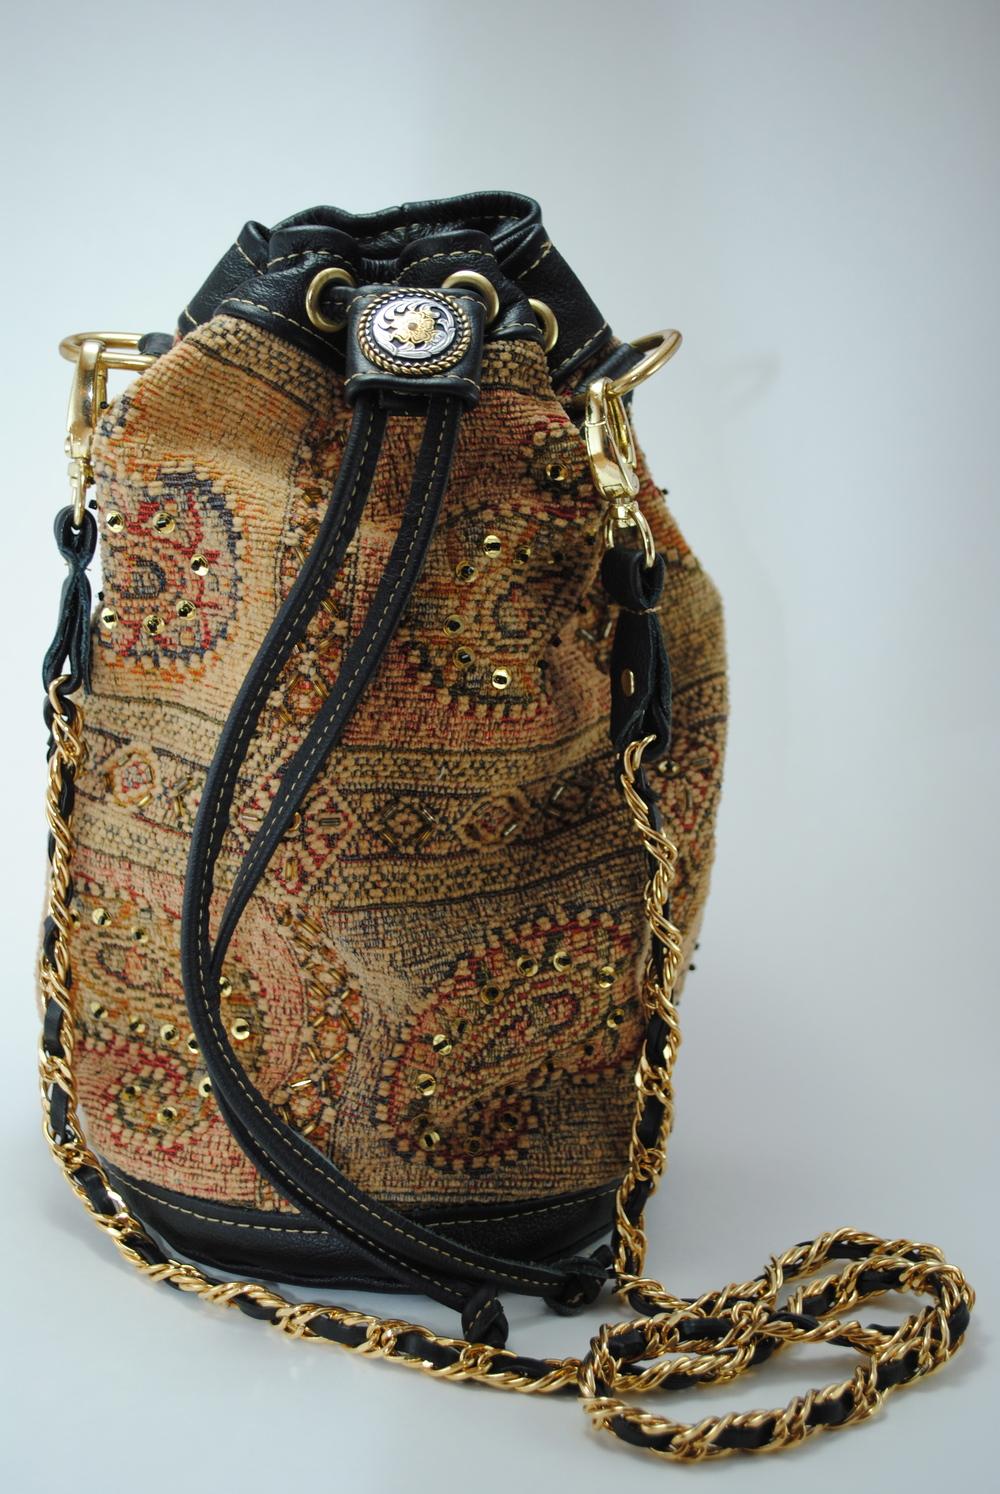 Indian Bride Batwa or Drawstring